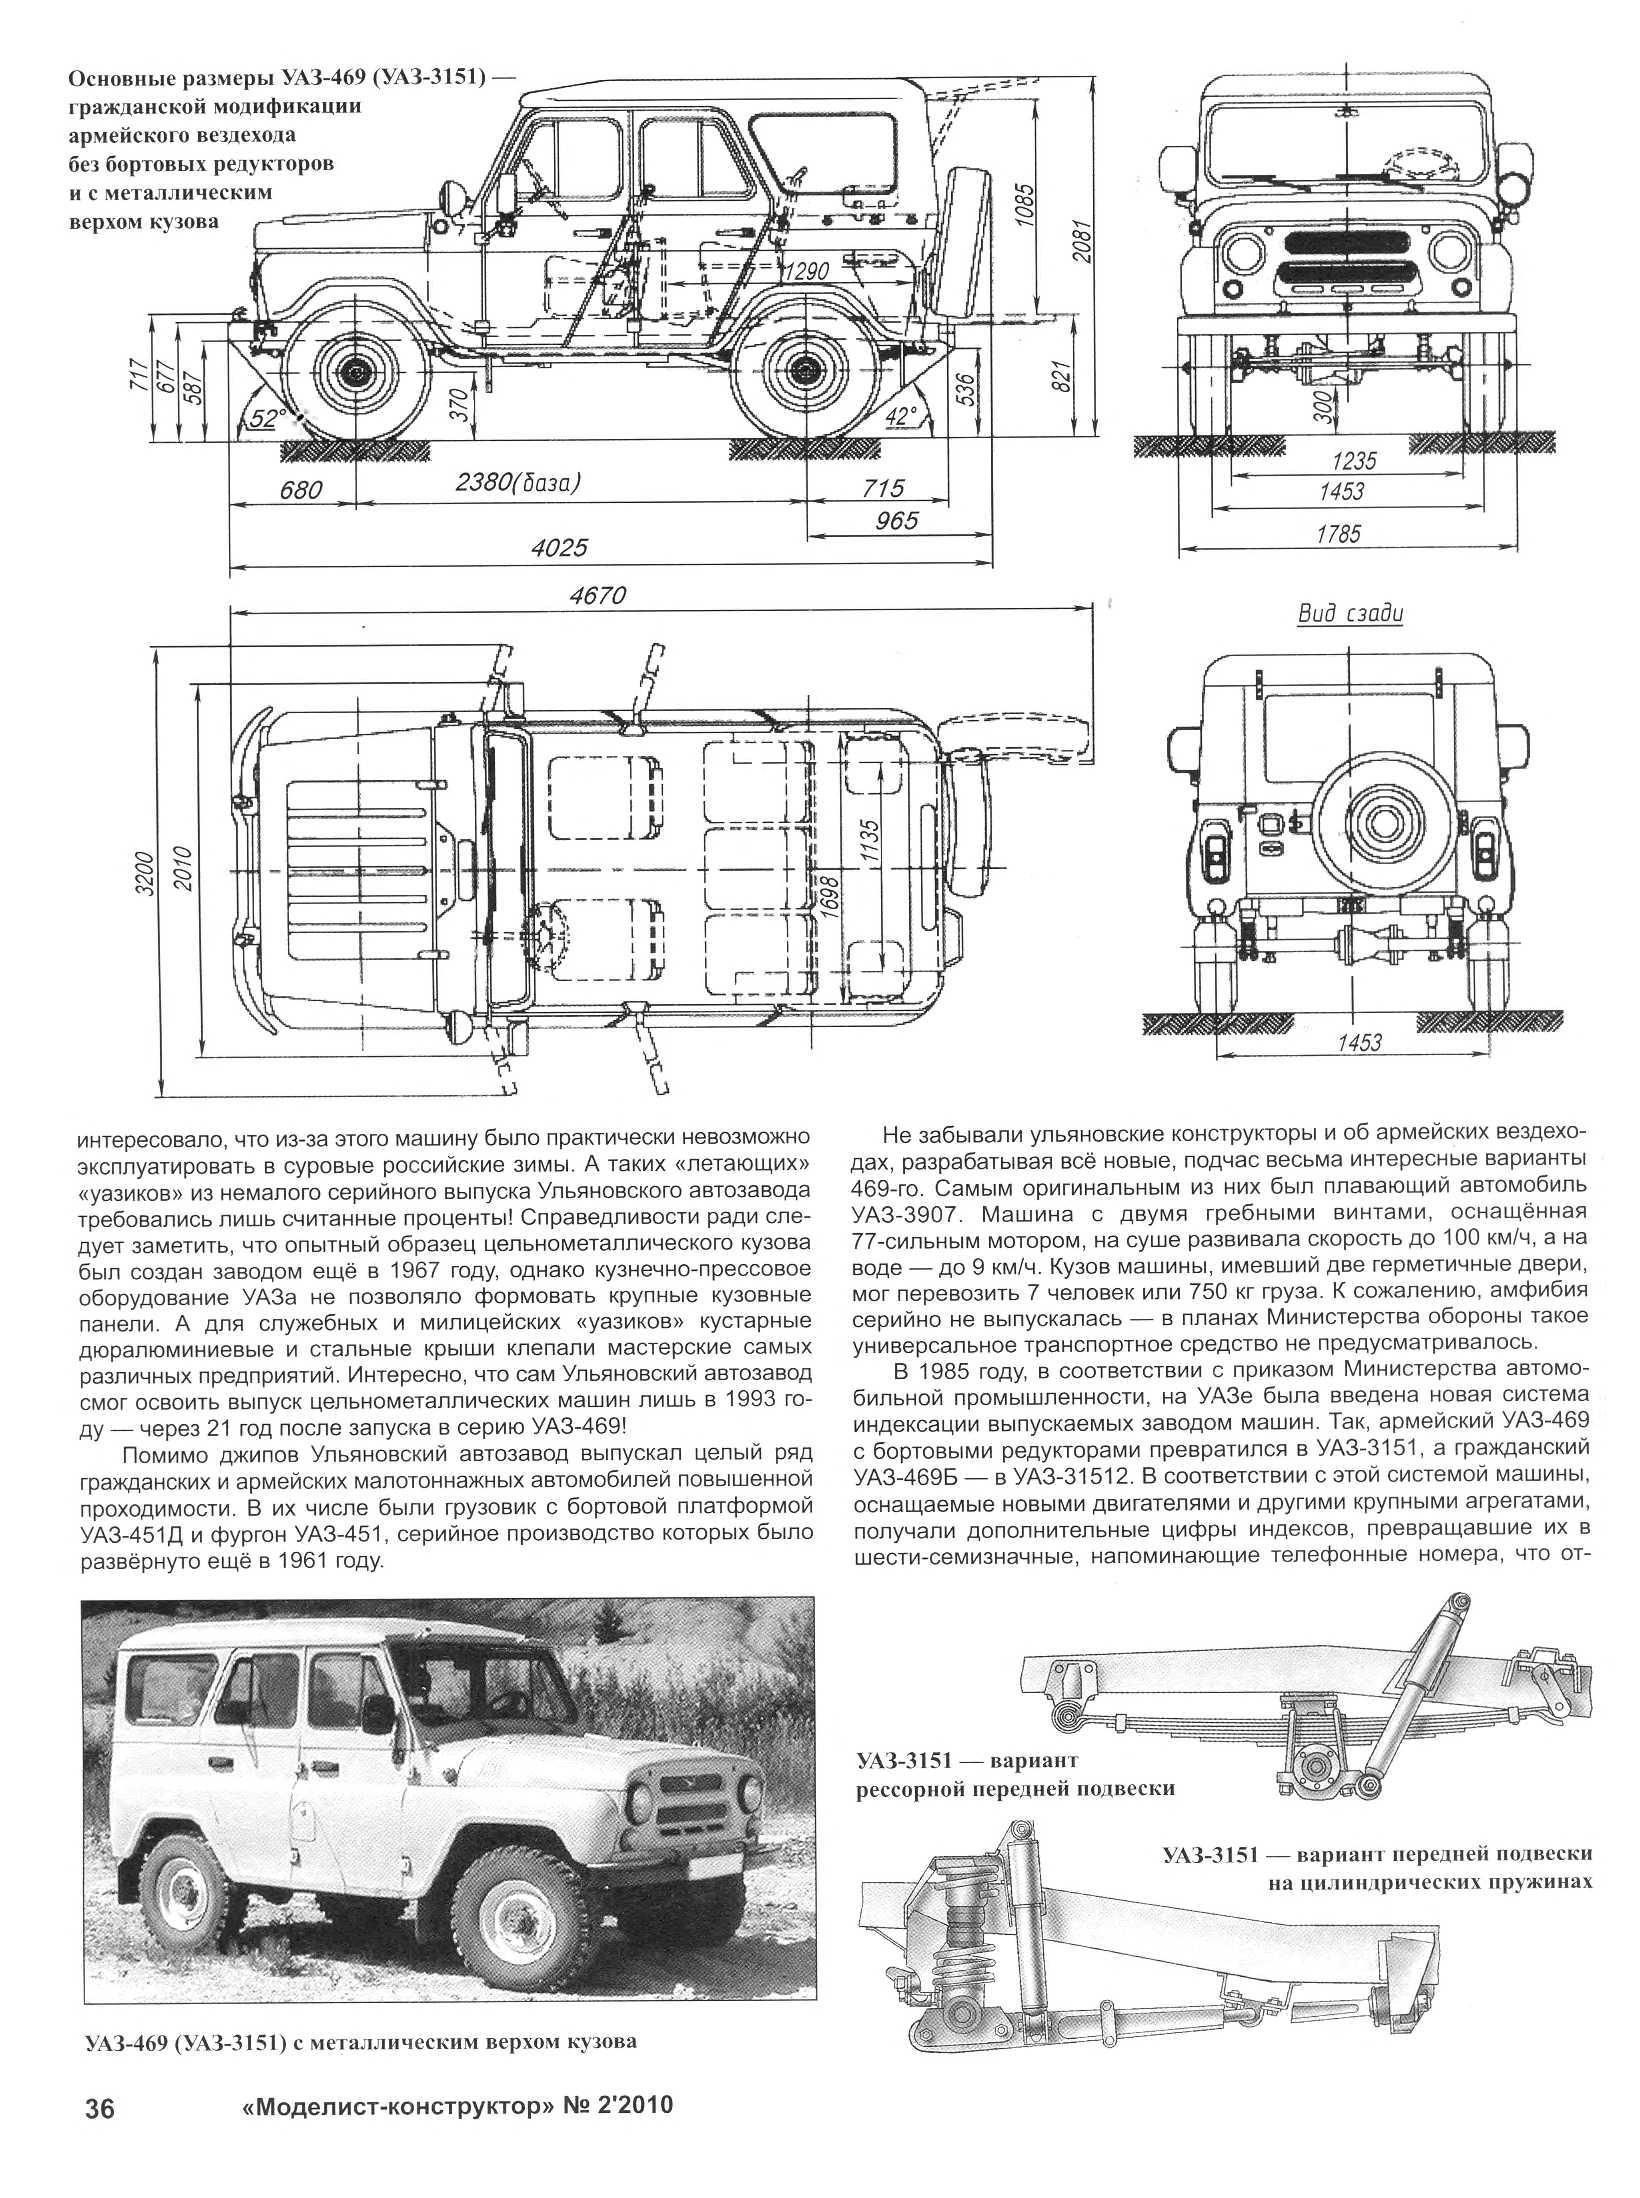 Схема устройства уаз 469